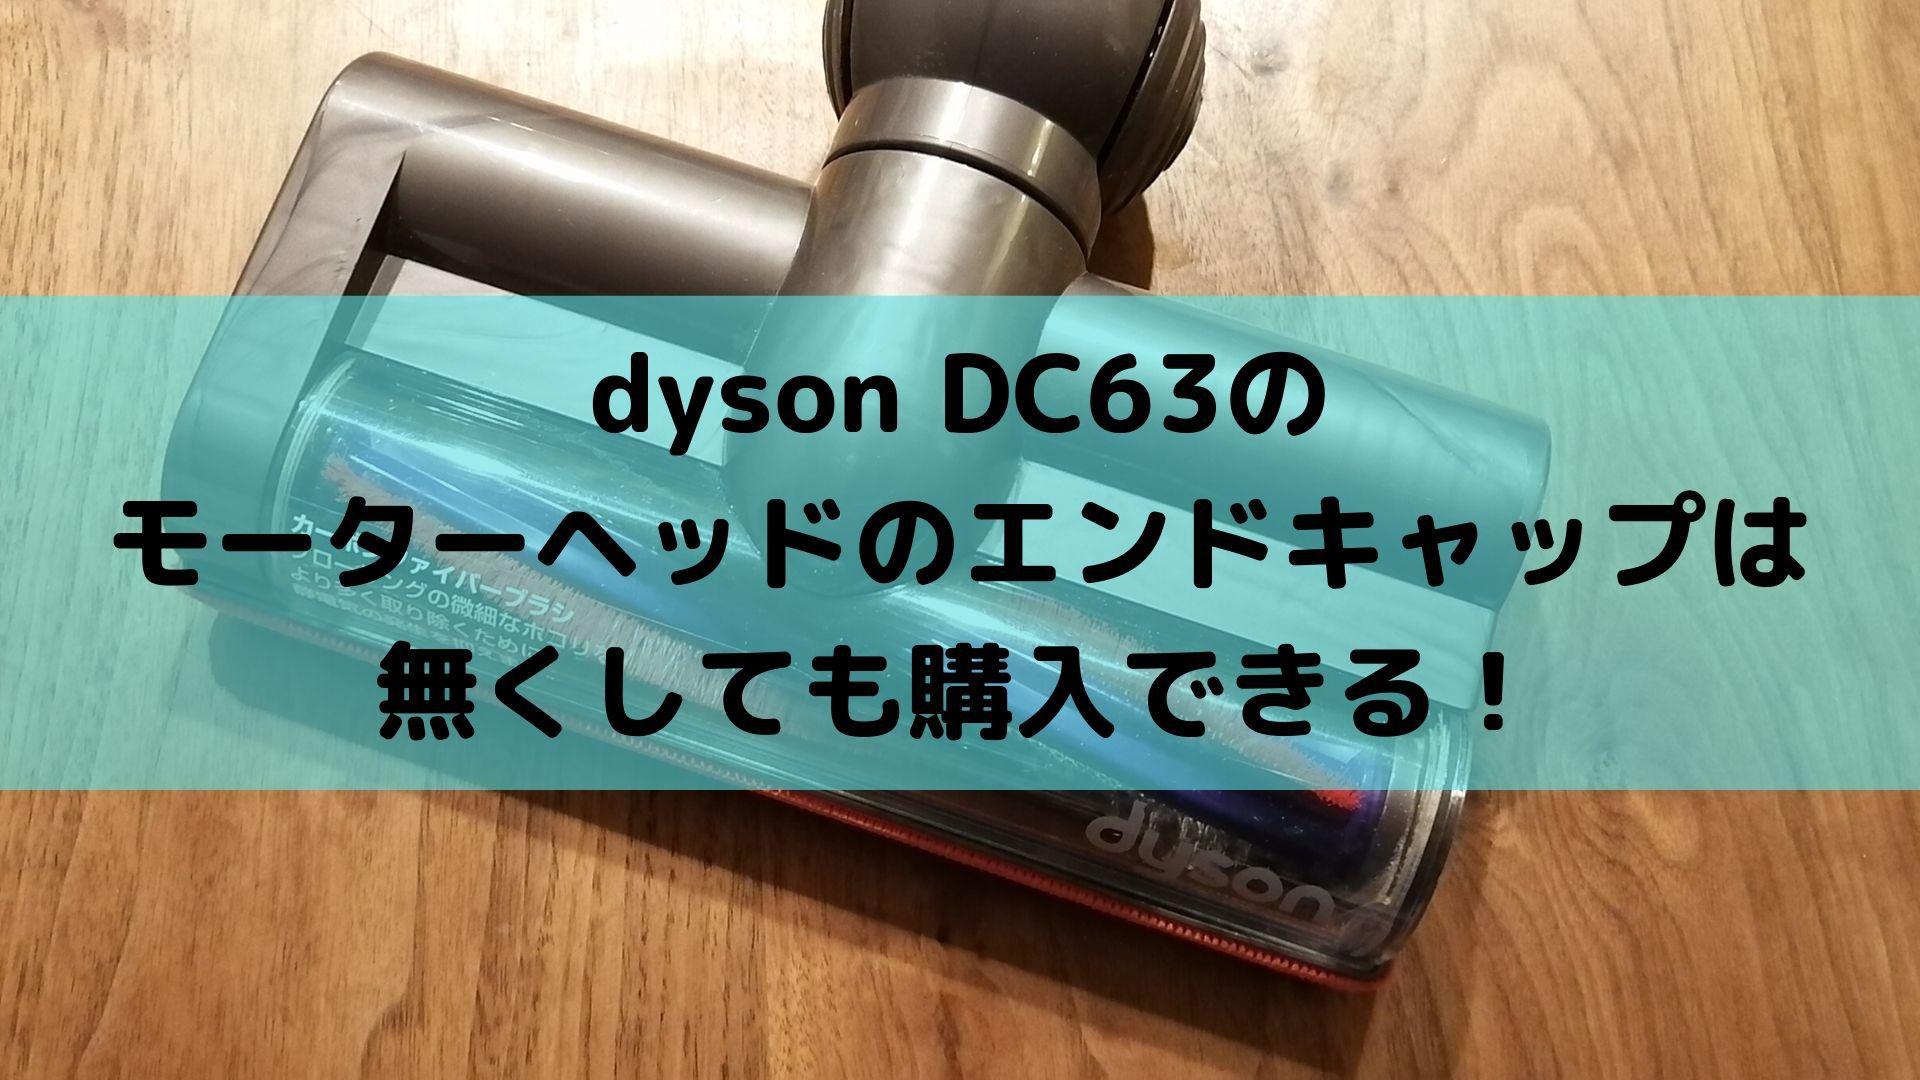 dyson DC63のモーターヘッドのエンドキャップは無くしても購入できる!